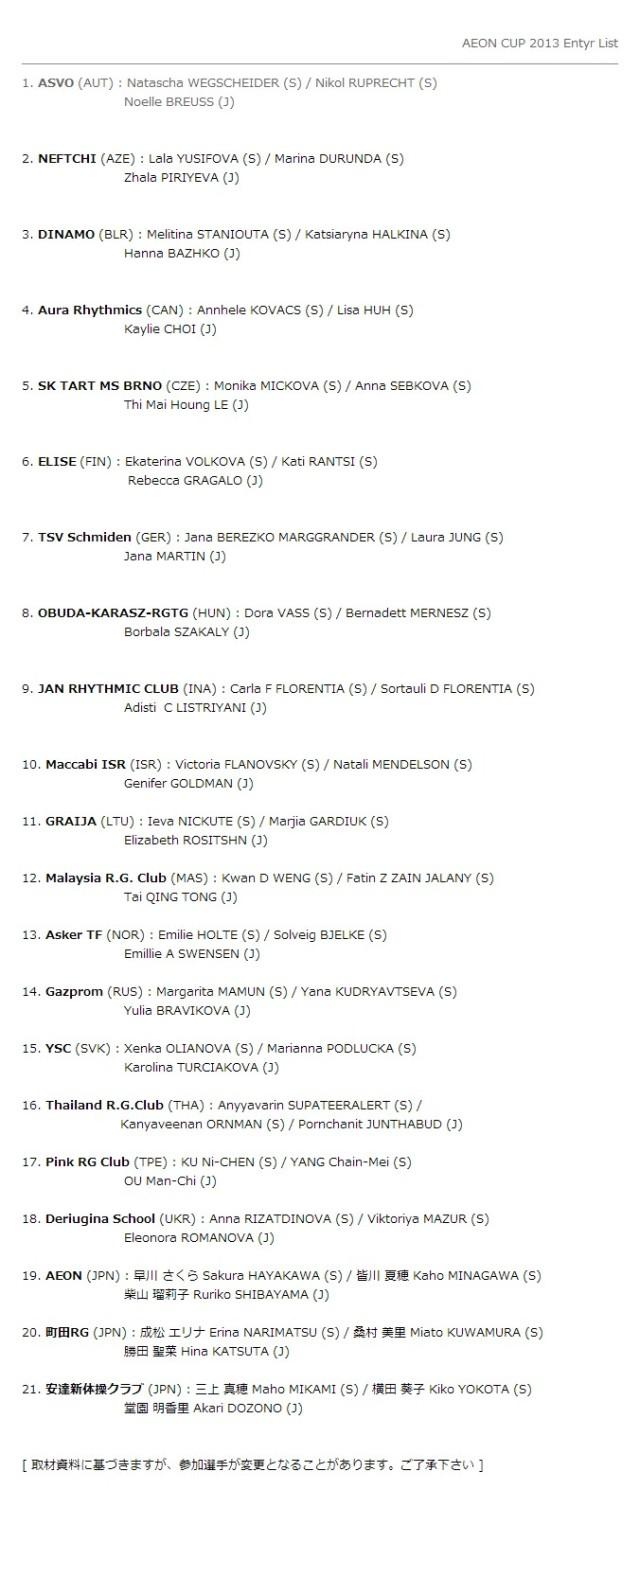 Participants list-Aeon Cup 2013